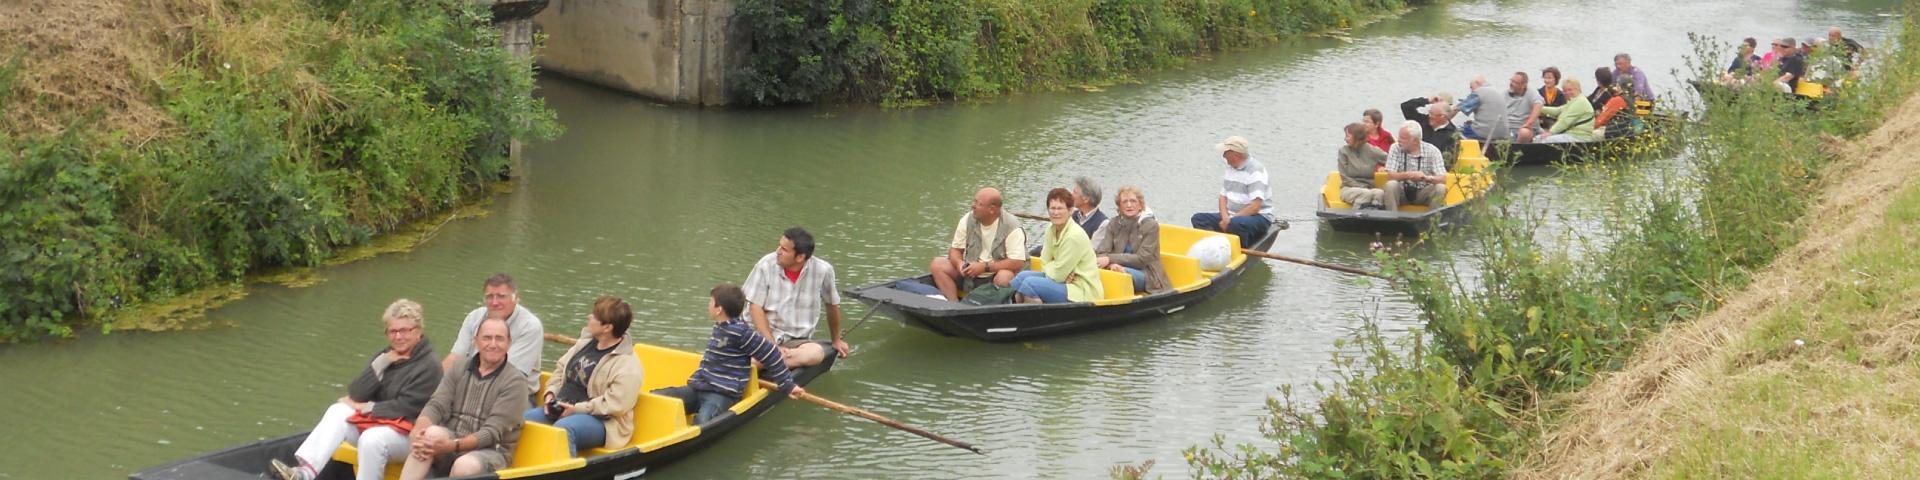 Barques marais poitevin - Bouillé-Courdault Vendée